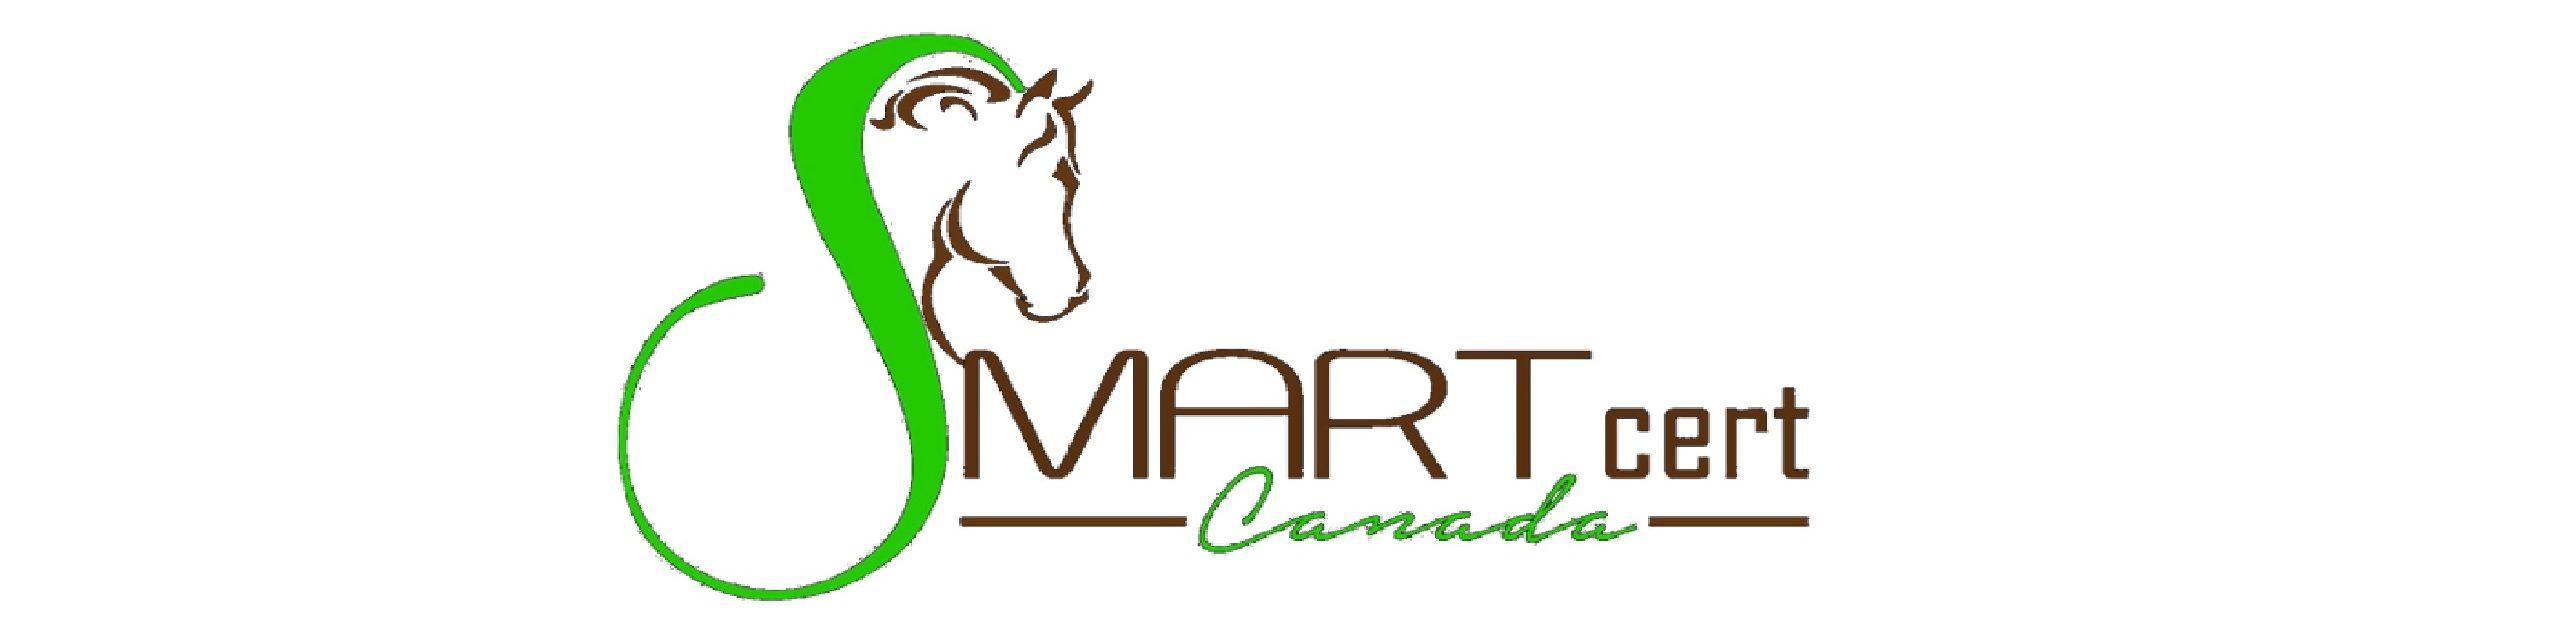 SMARTcert Canada